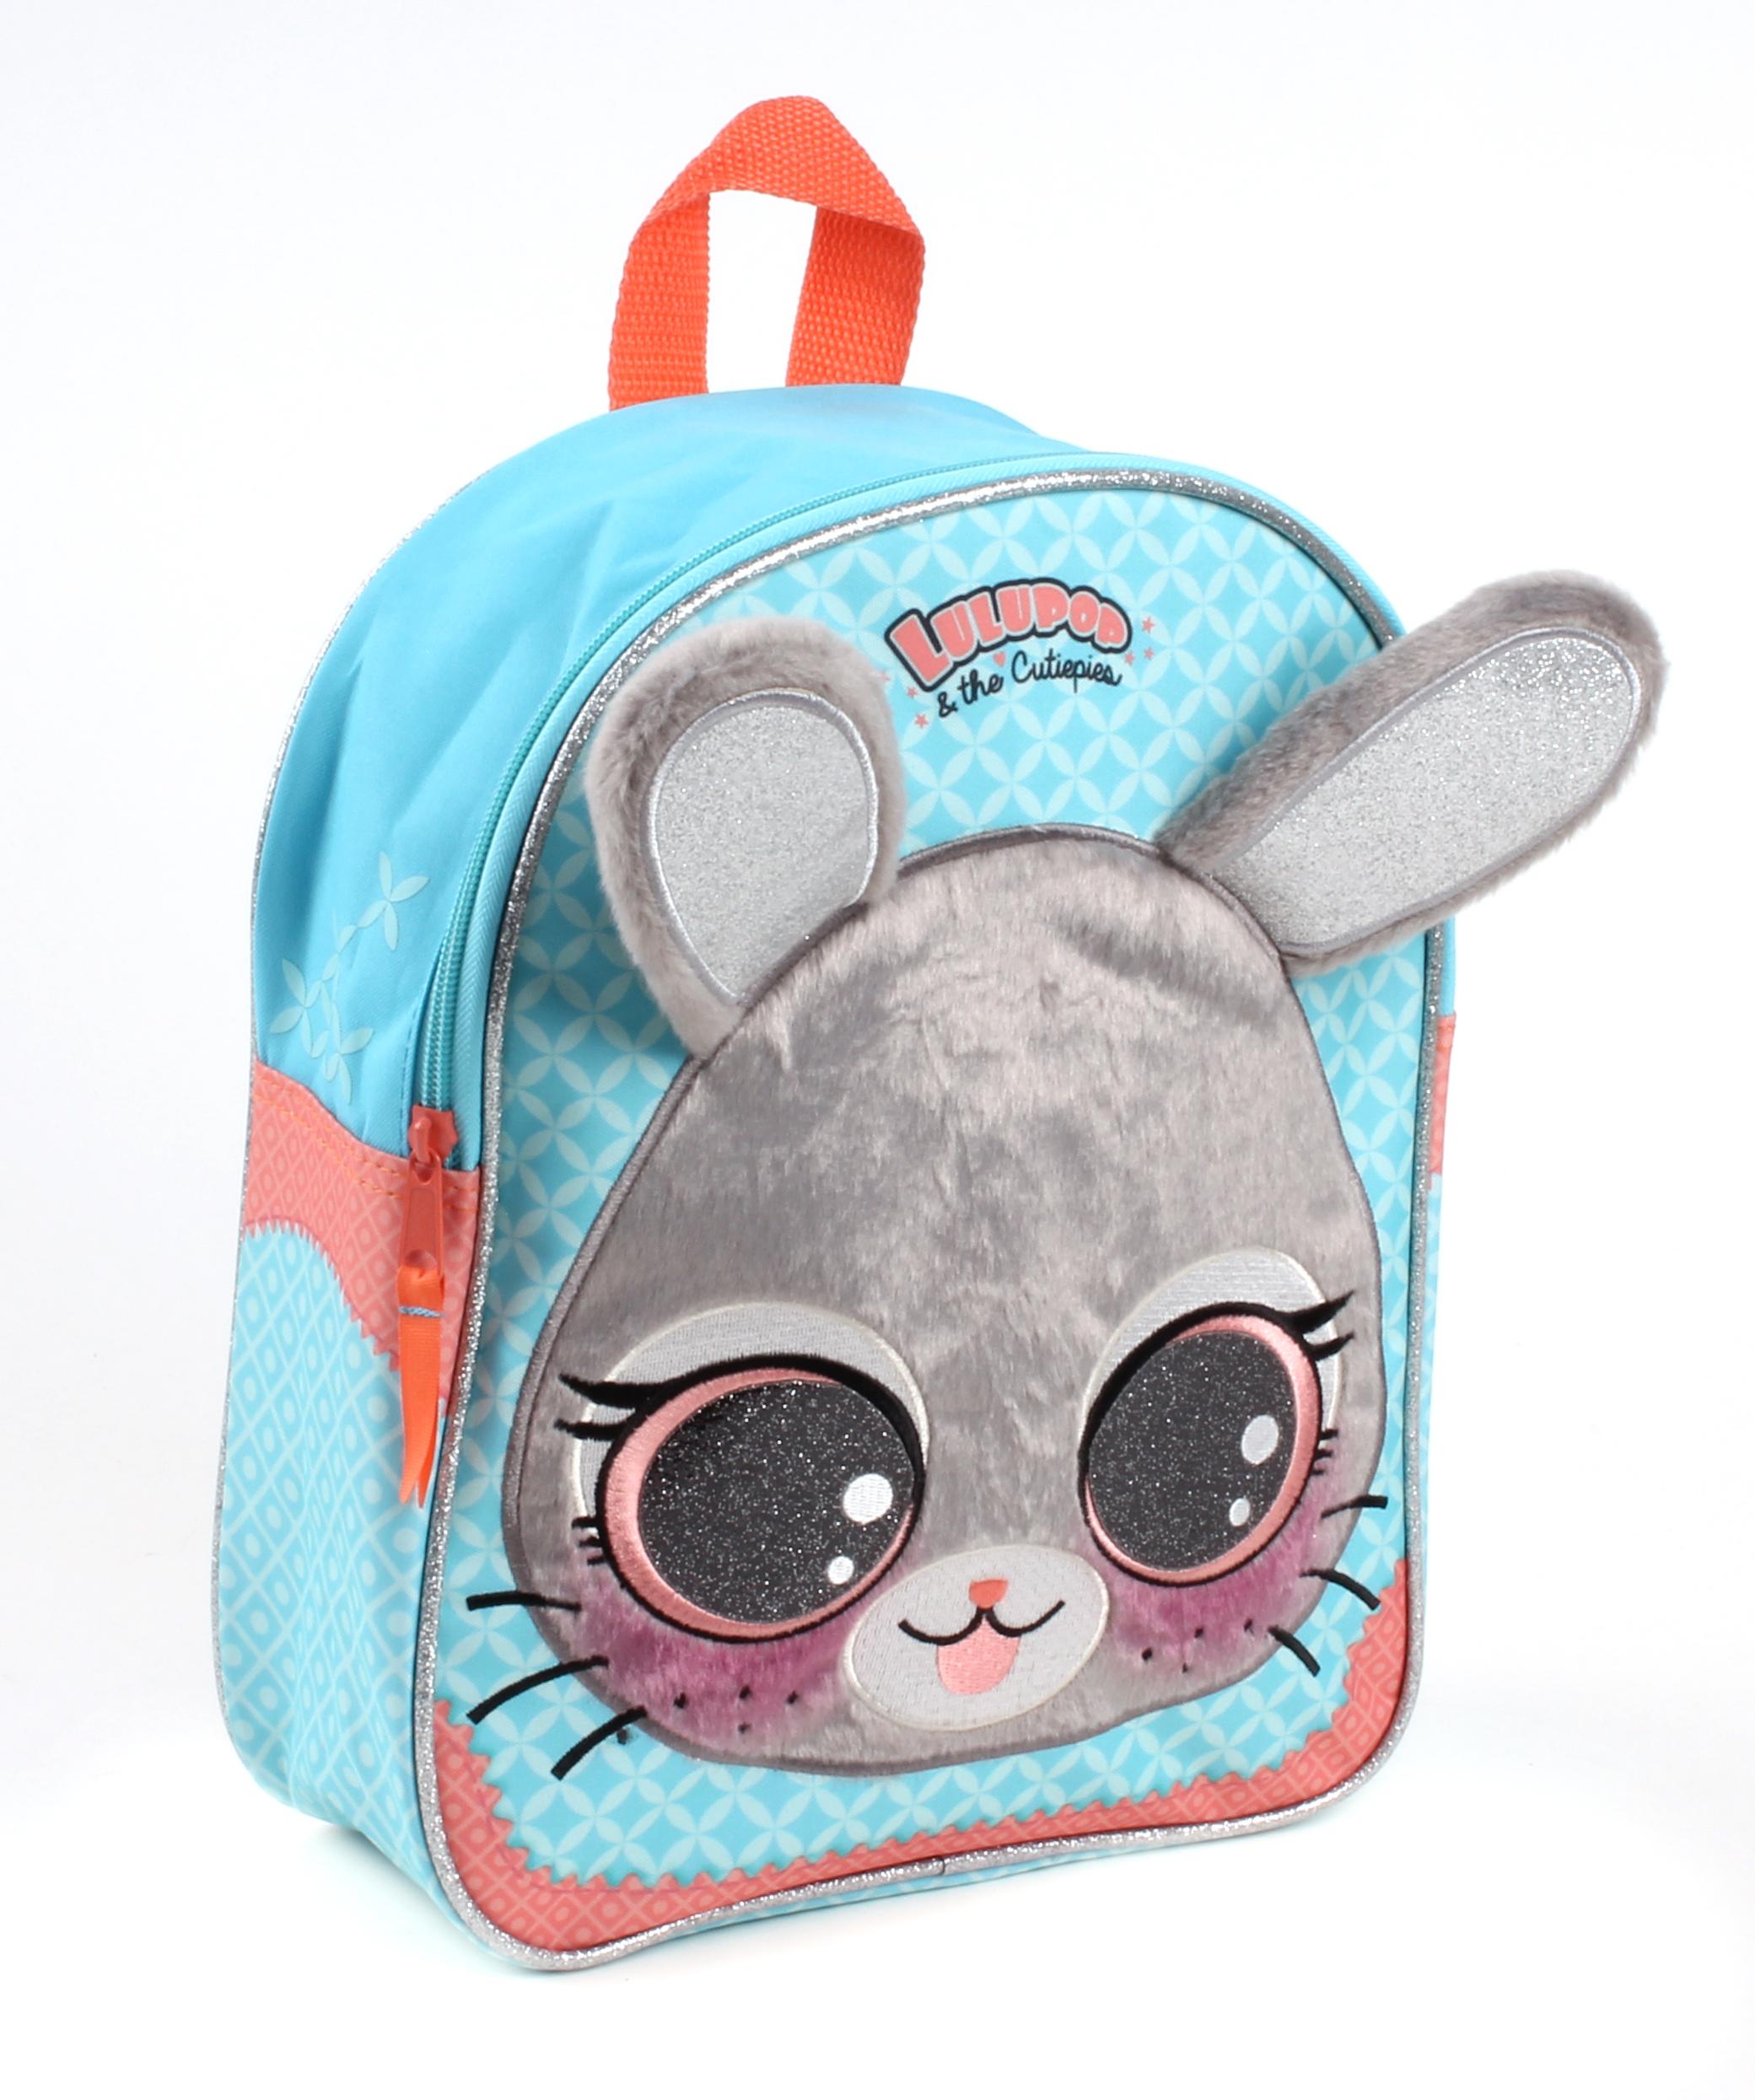 Lulupop & the Cutiepies Bunny rugtas